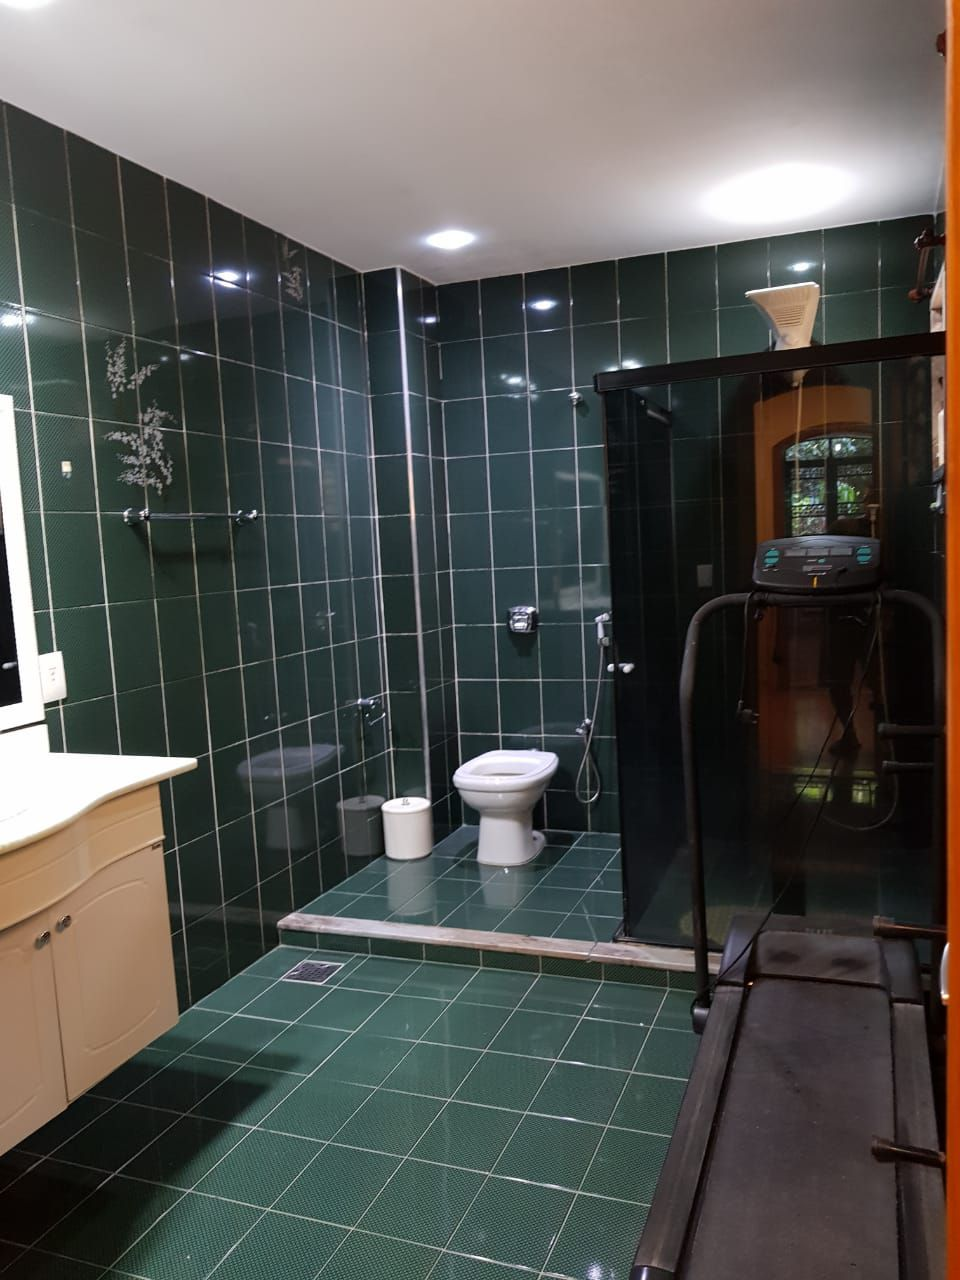 FOTO 17 - Apartamento à venda Rua da Divina Misericórdia,Vila Valqueire, Rio de Janeiro - R$ 790.000 - RF128 - 18